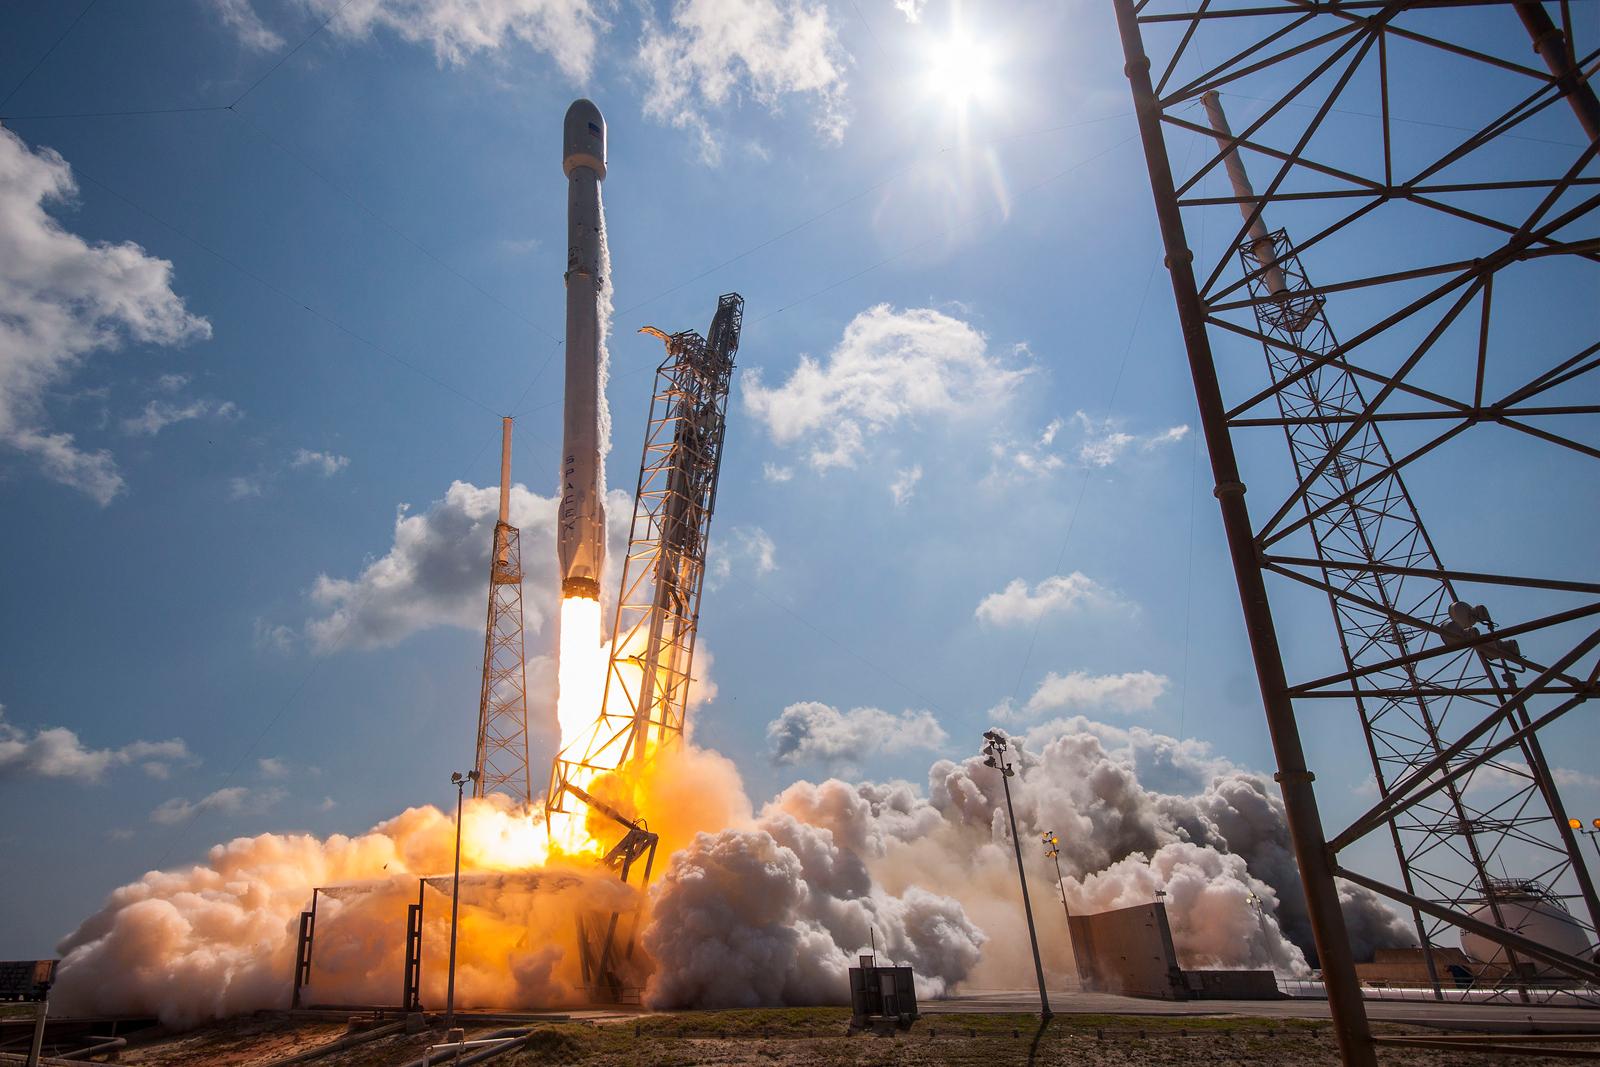 Илон Маск продемонстрировал фото сверхтяжелой ракеты Falcon Heavy